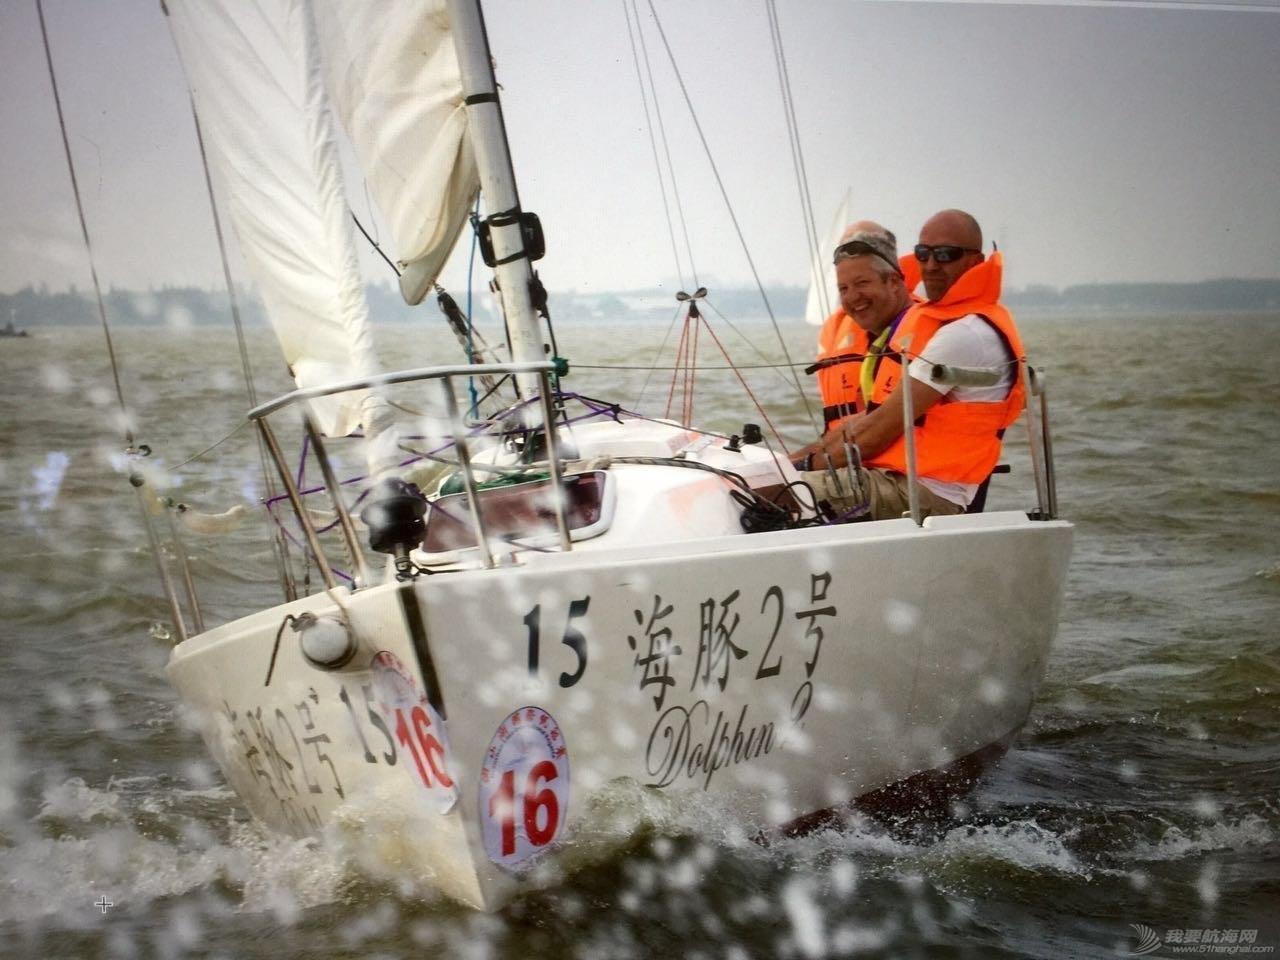 赛事速递丨2016年上海市第二届市民运动会淀山湖国际帆船赛上演群雄争霸战 b12d80b2a6c6532722e256083d5b0b3d.jpg